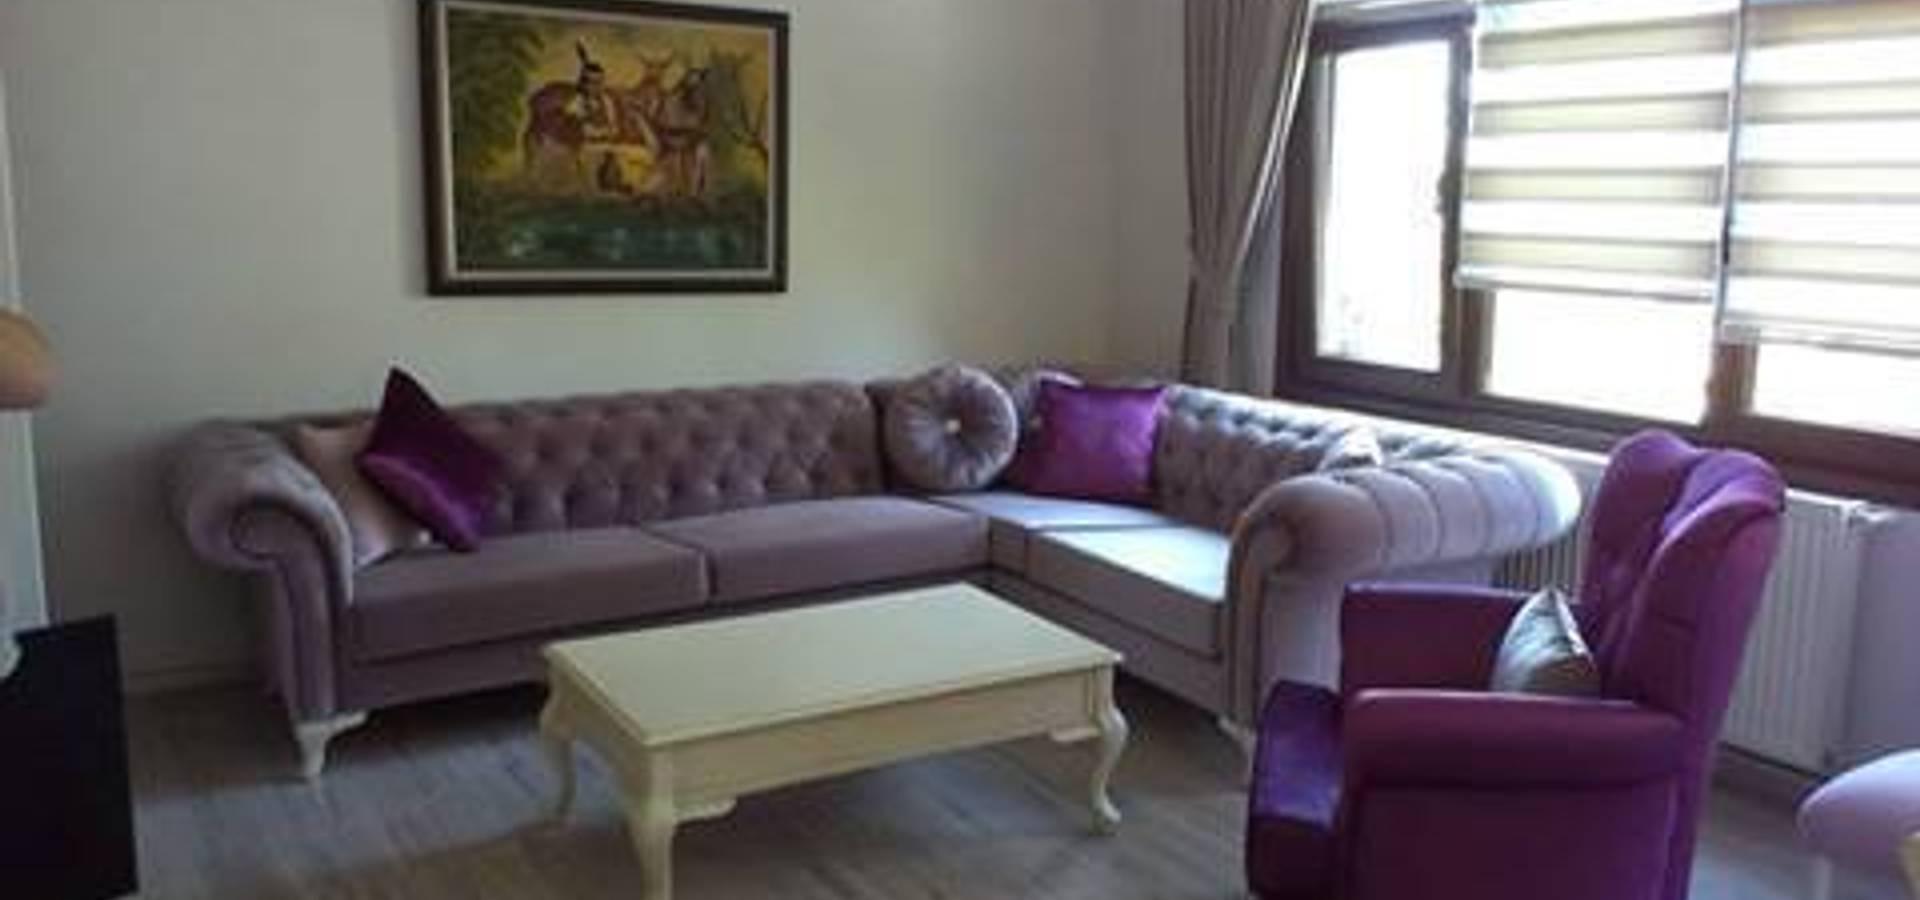 koltuk home chester k e koltuk tak m 1 homify. Black Bedroom Furniture Sets. Home Design Ideas